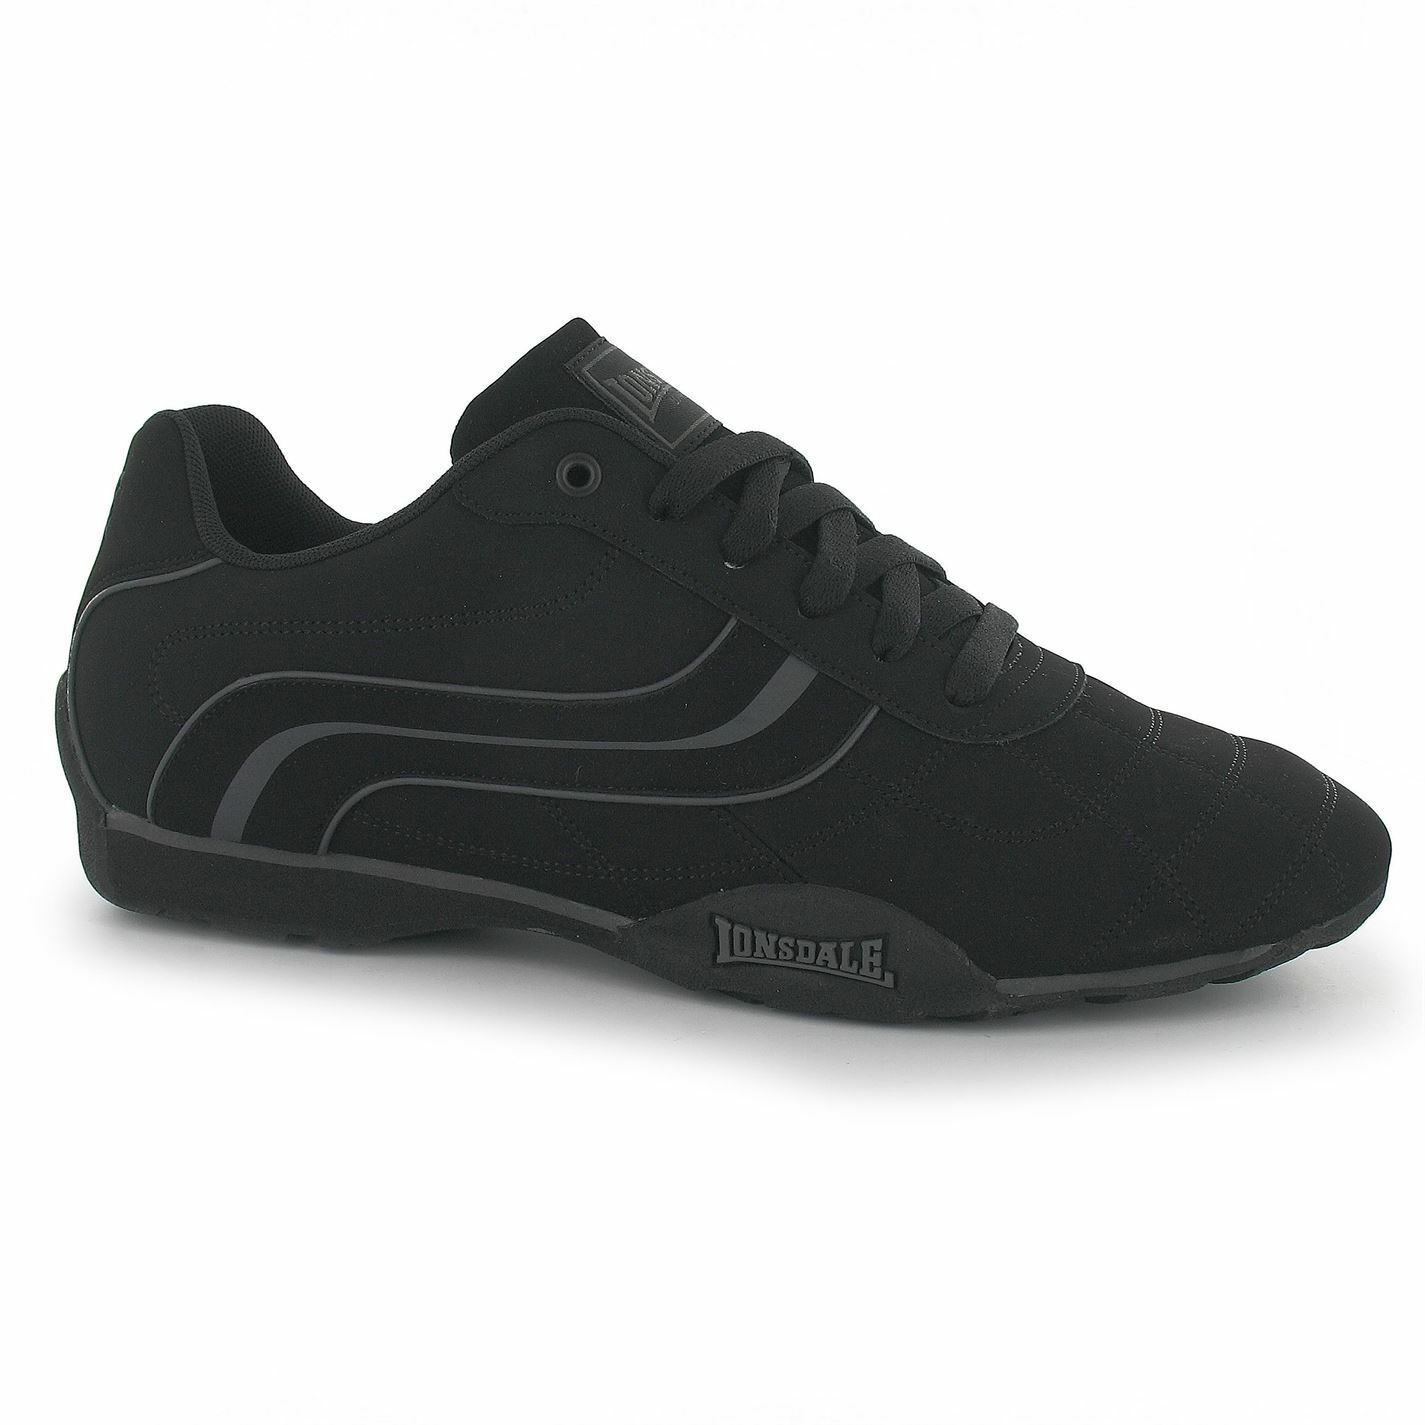 lonsdale camden schwarz ausbilder bei schwarz / schwarz camden lässige sneakers, schuhe, schuhe fec8a3